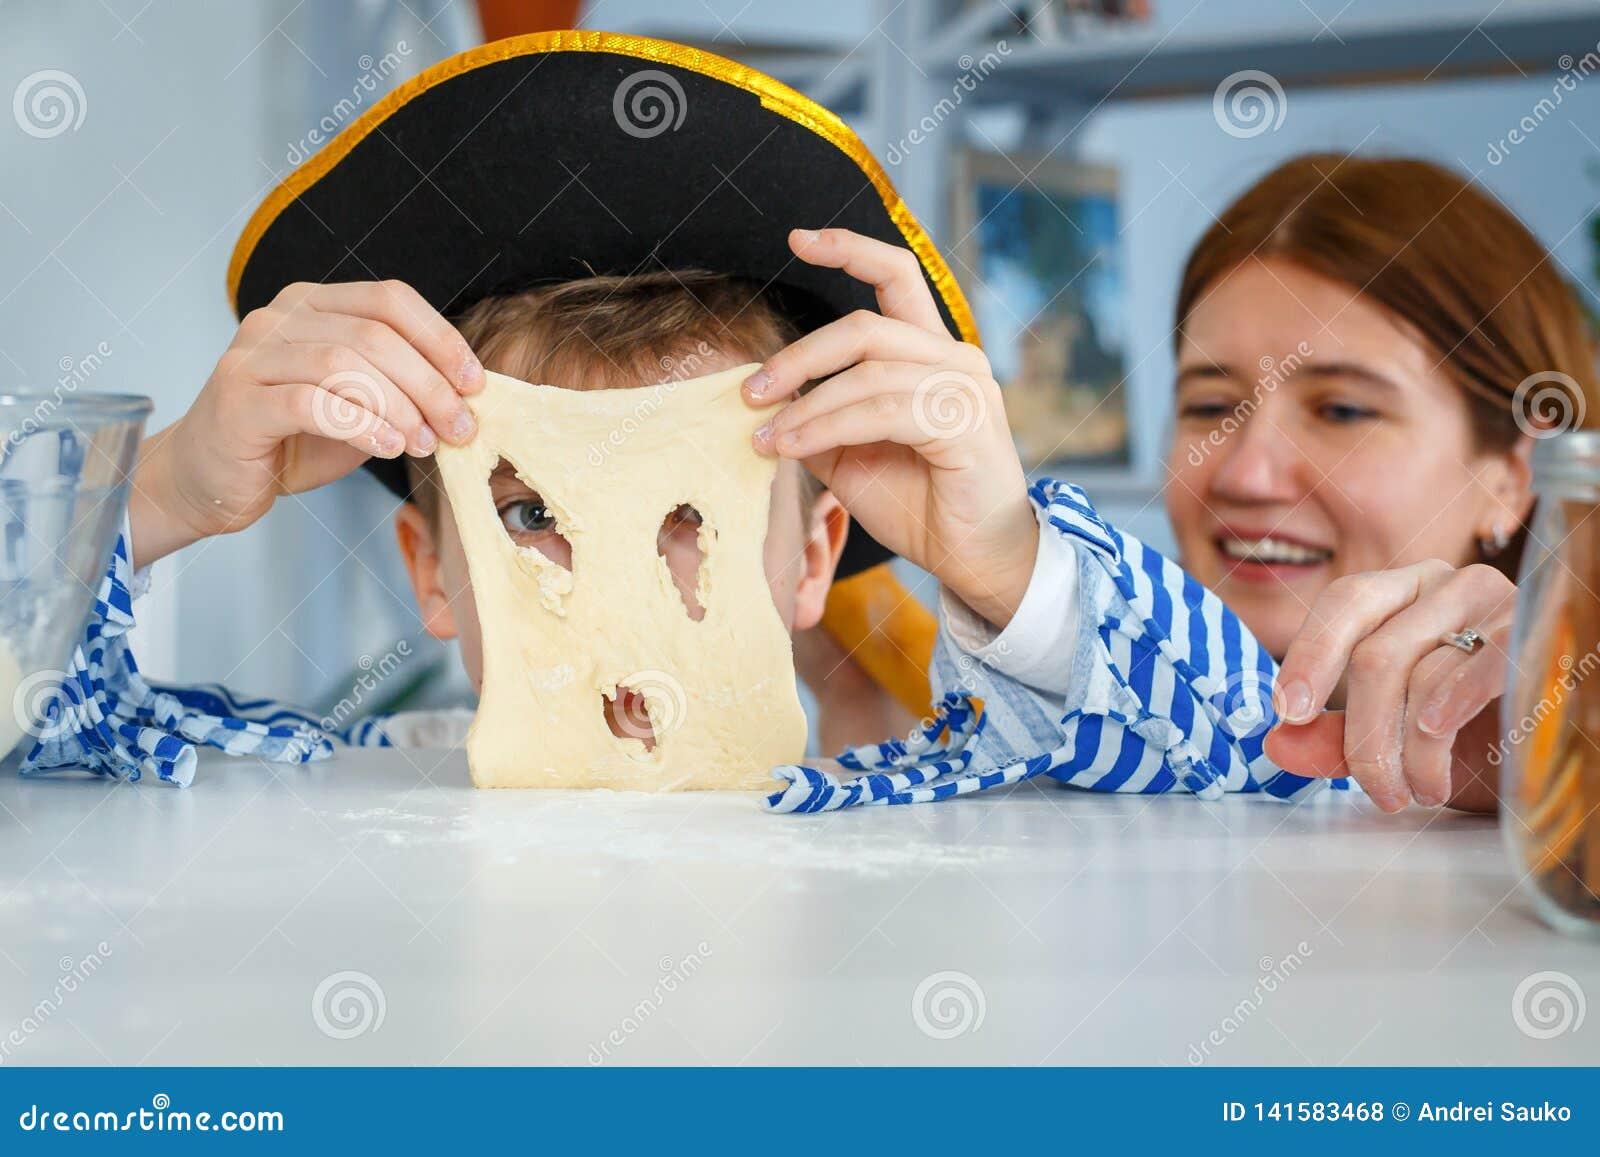 家庭一起烹调 妈妈和儿子揉面团用面粉 在厨房里准备面团